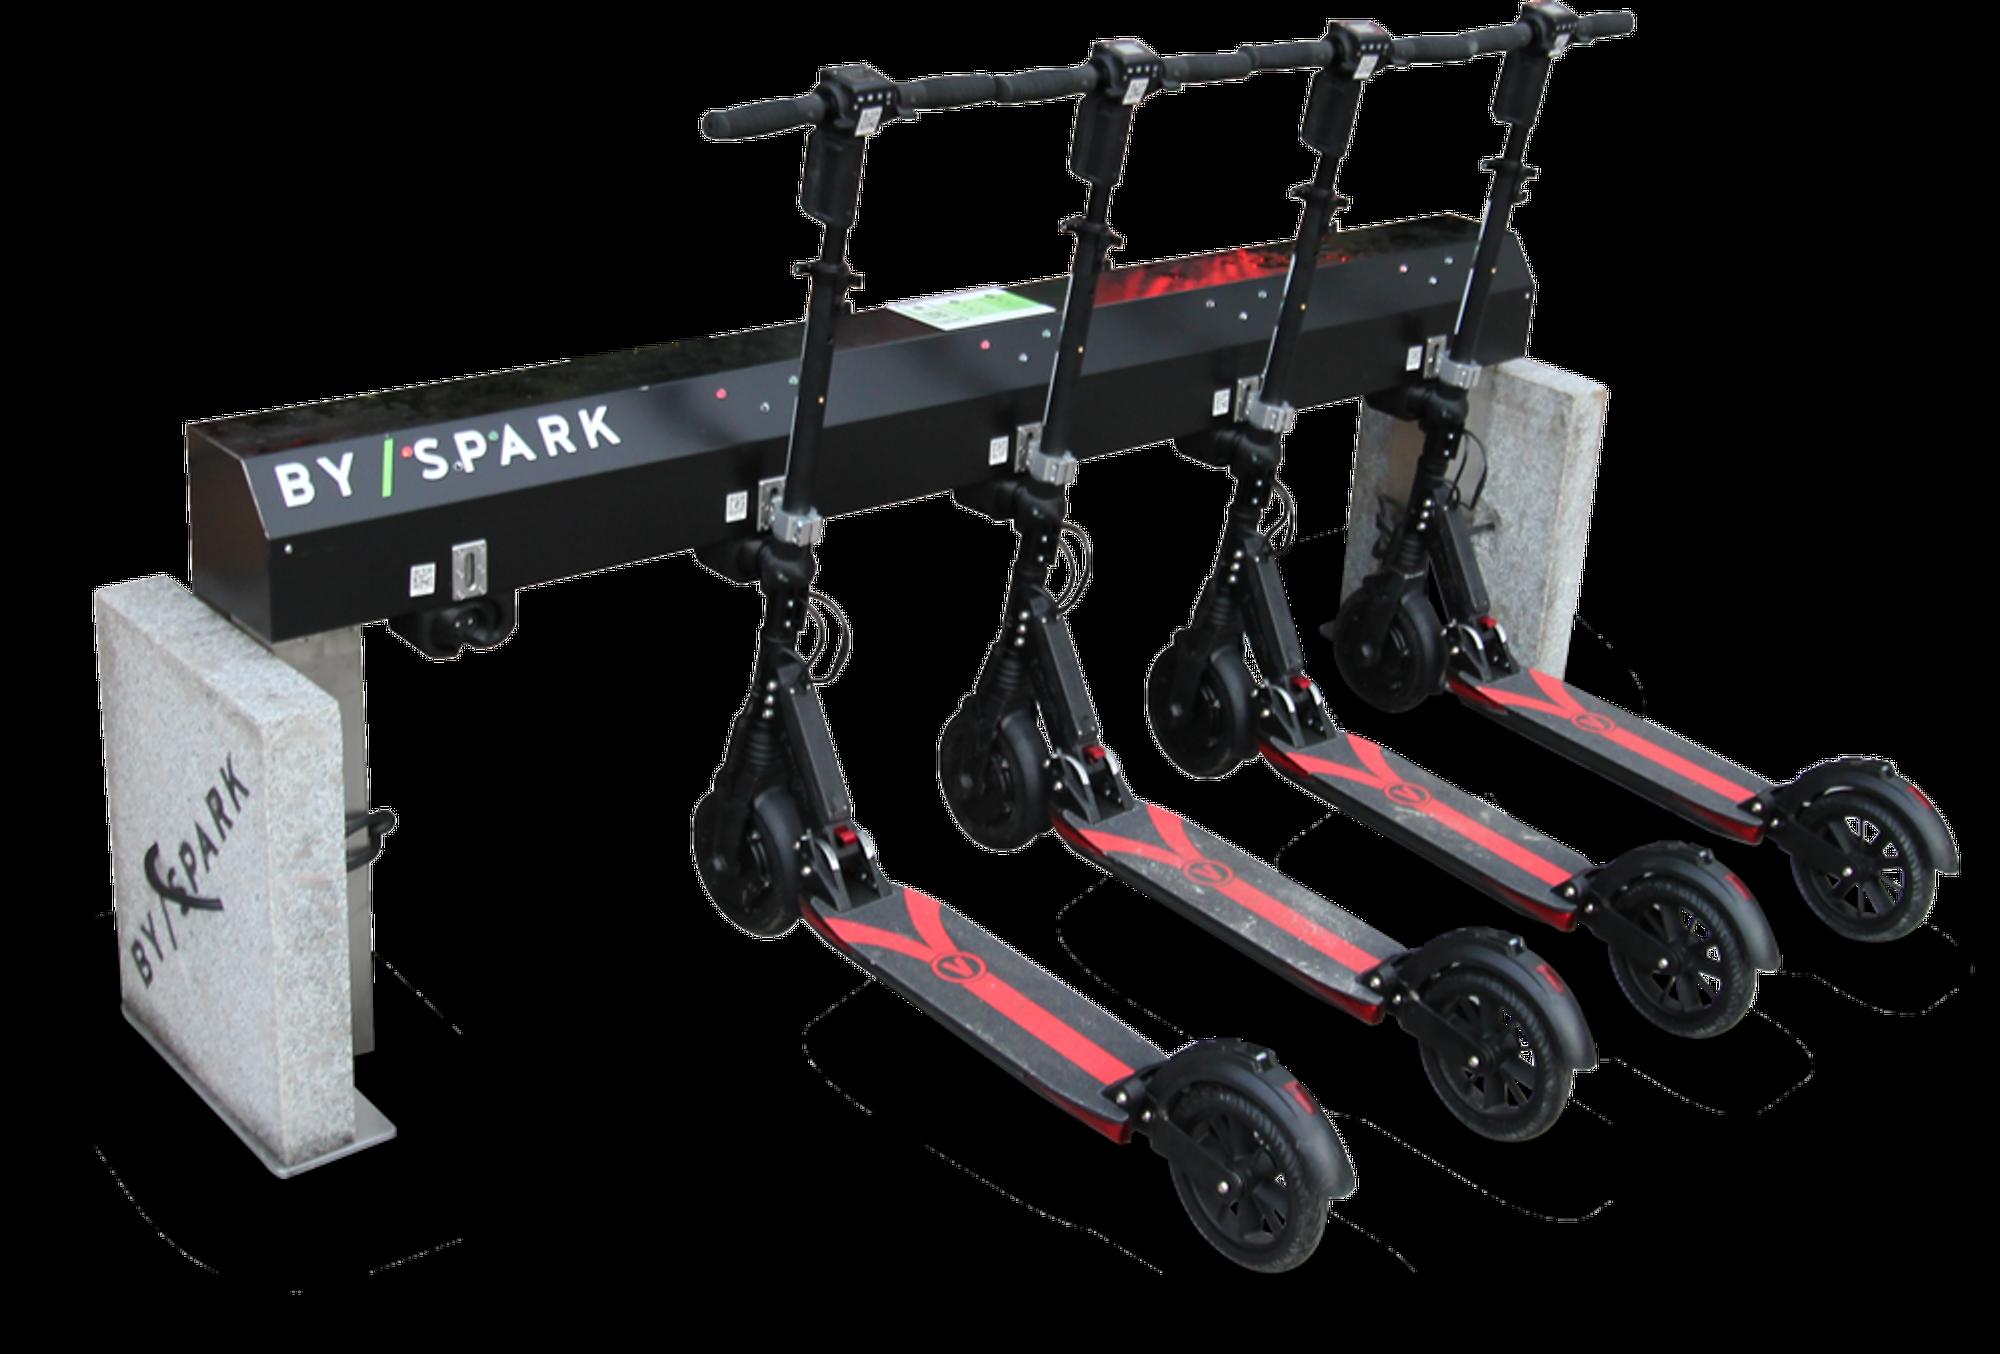 Ved å kreve at elsparkesyklene monteres i en ladestasjon etter bruk, unngår Byspark at syklene deres slenges rundt.